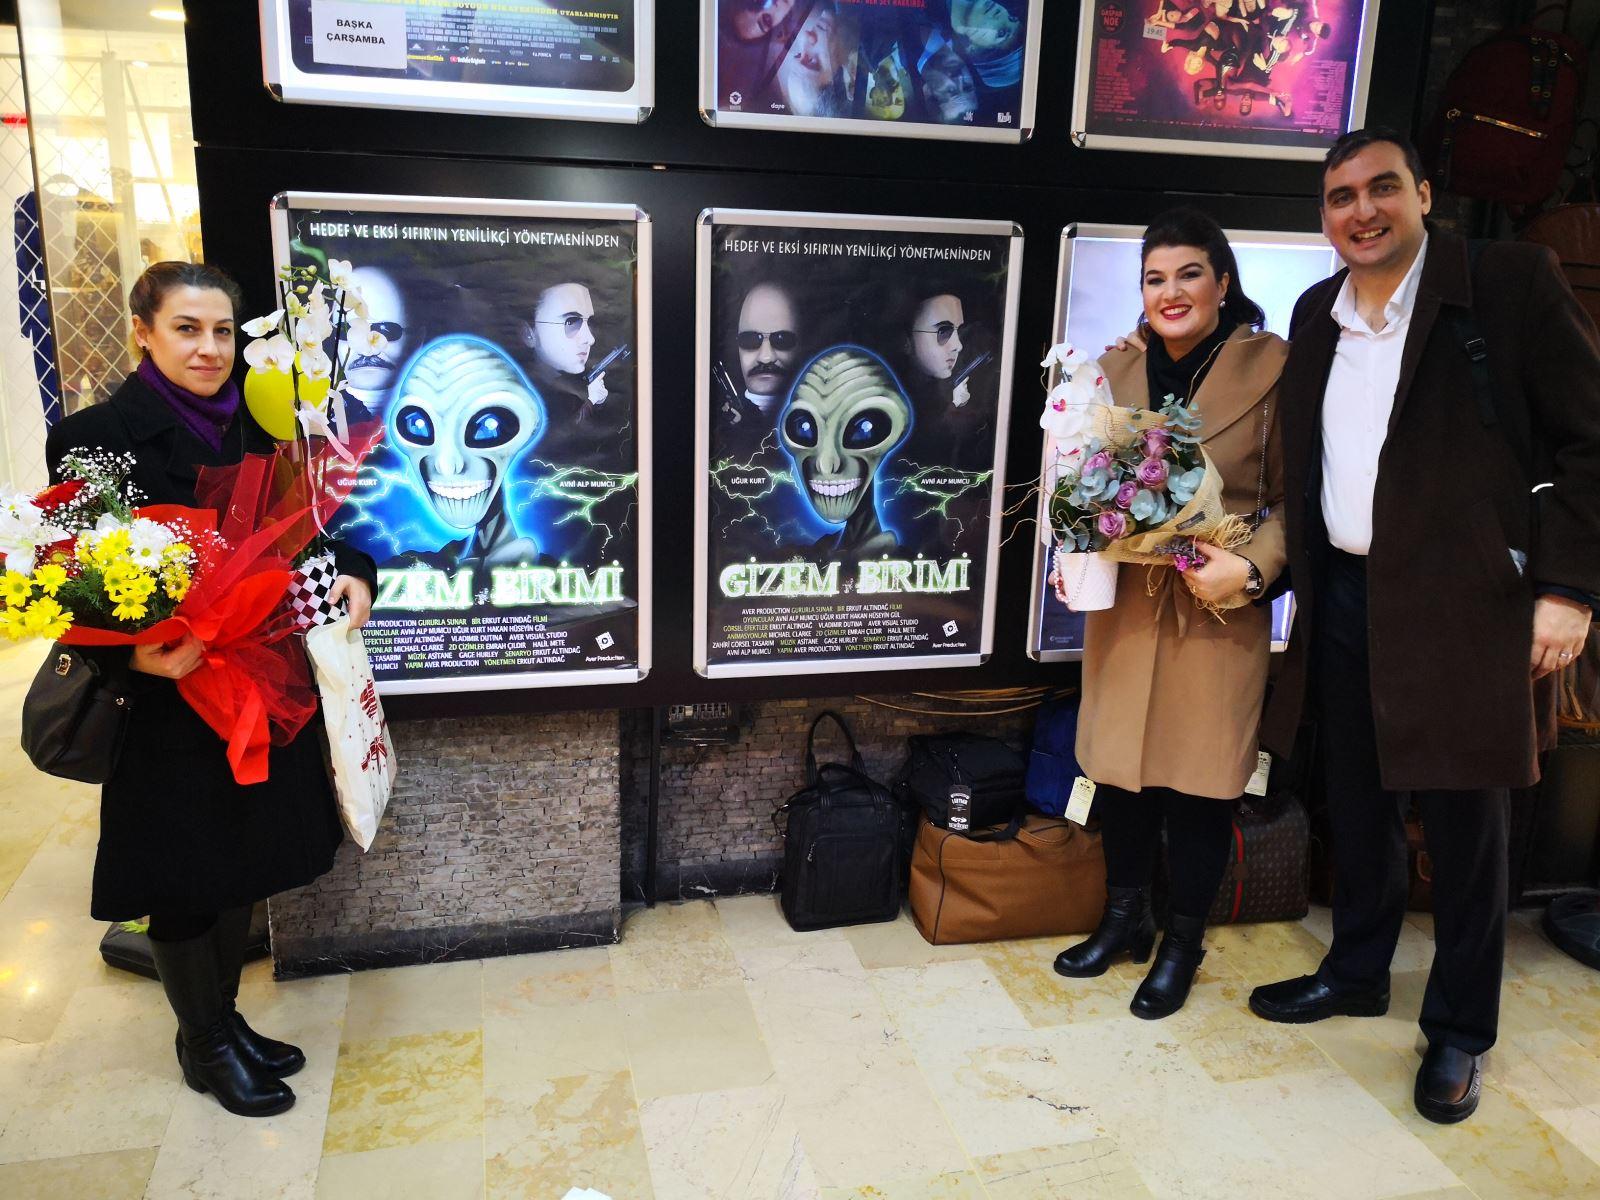 Doç. Dr. Erkut Altındağ'ın 2. Uzun Metrajlı Amatör Filmi 'Gizem Birimi'nin Galası Gerçekleştirildi 3